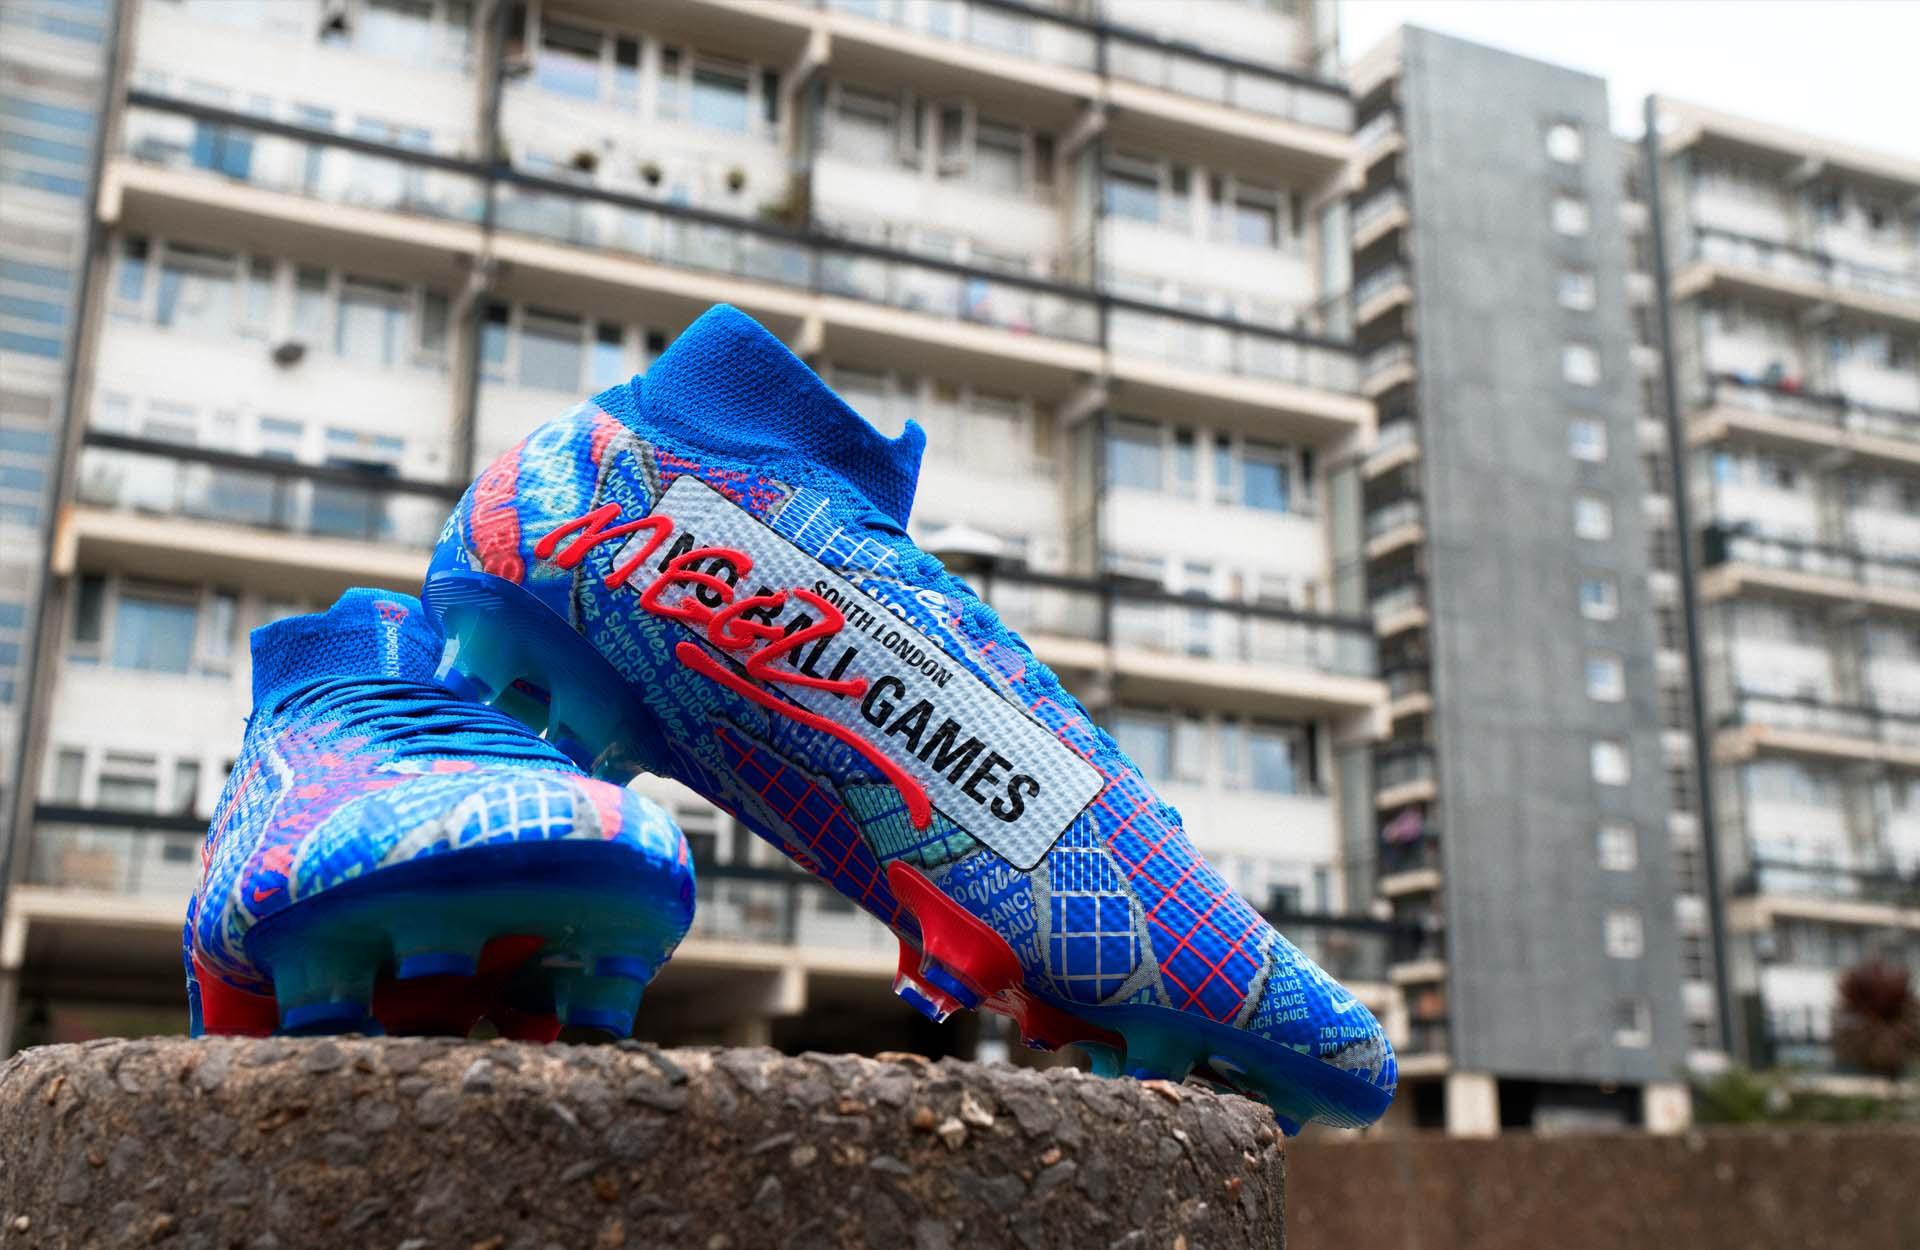 Nike thửa riêng giày đá bóng cho Jadon Sancho với thiết kế độc lạ và đẹp mắt